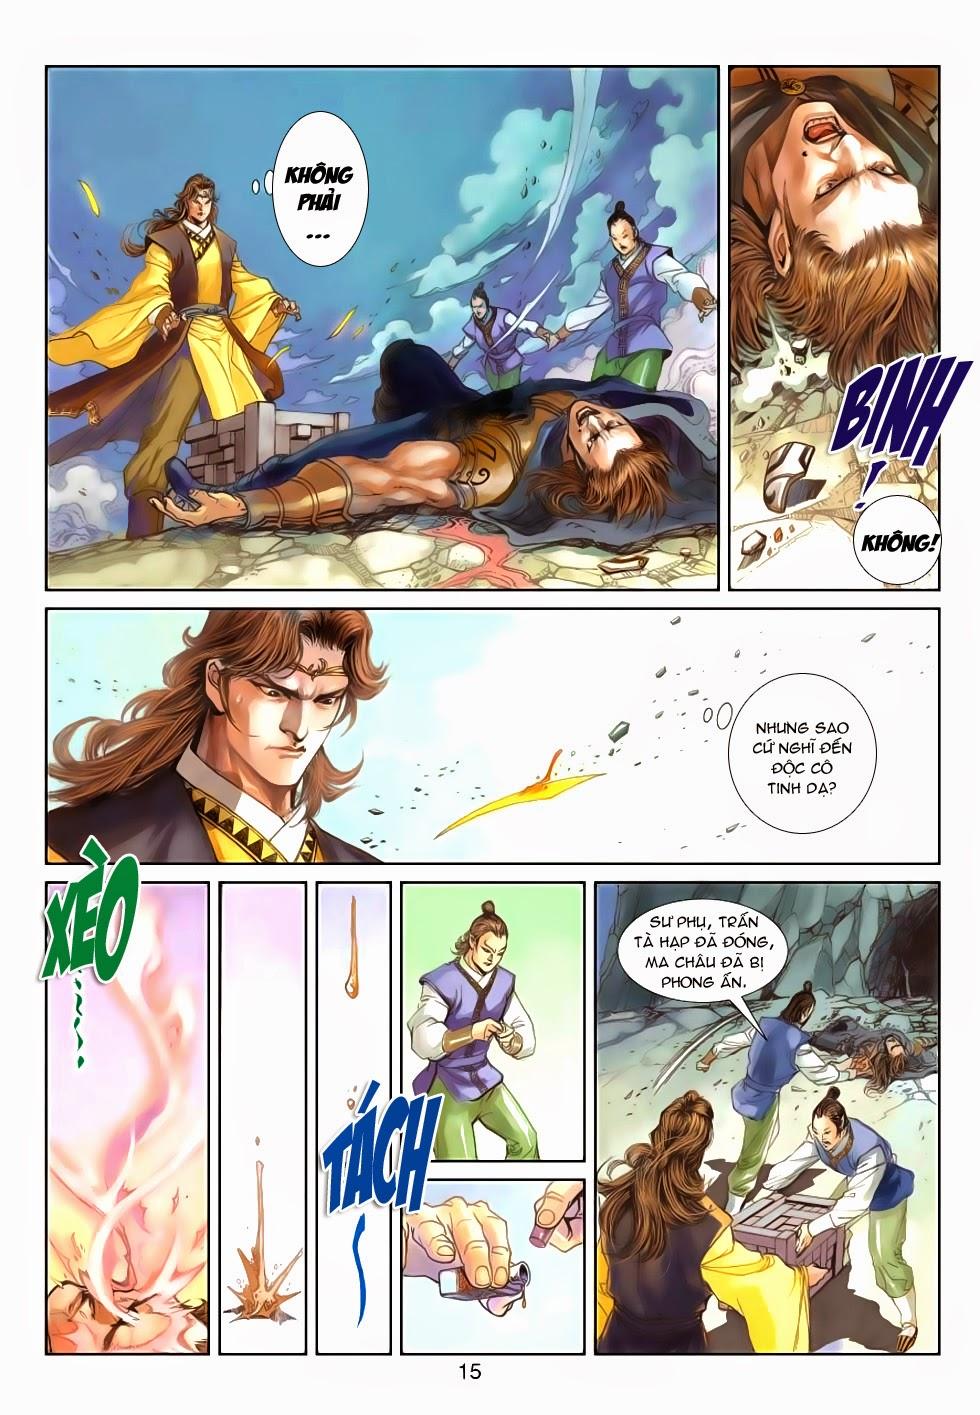 Thần Binh Tiền Truyện 4 - Huyền Thiên Tà Đế chap 5 - Trang 15